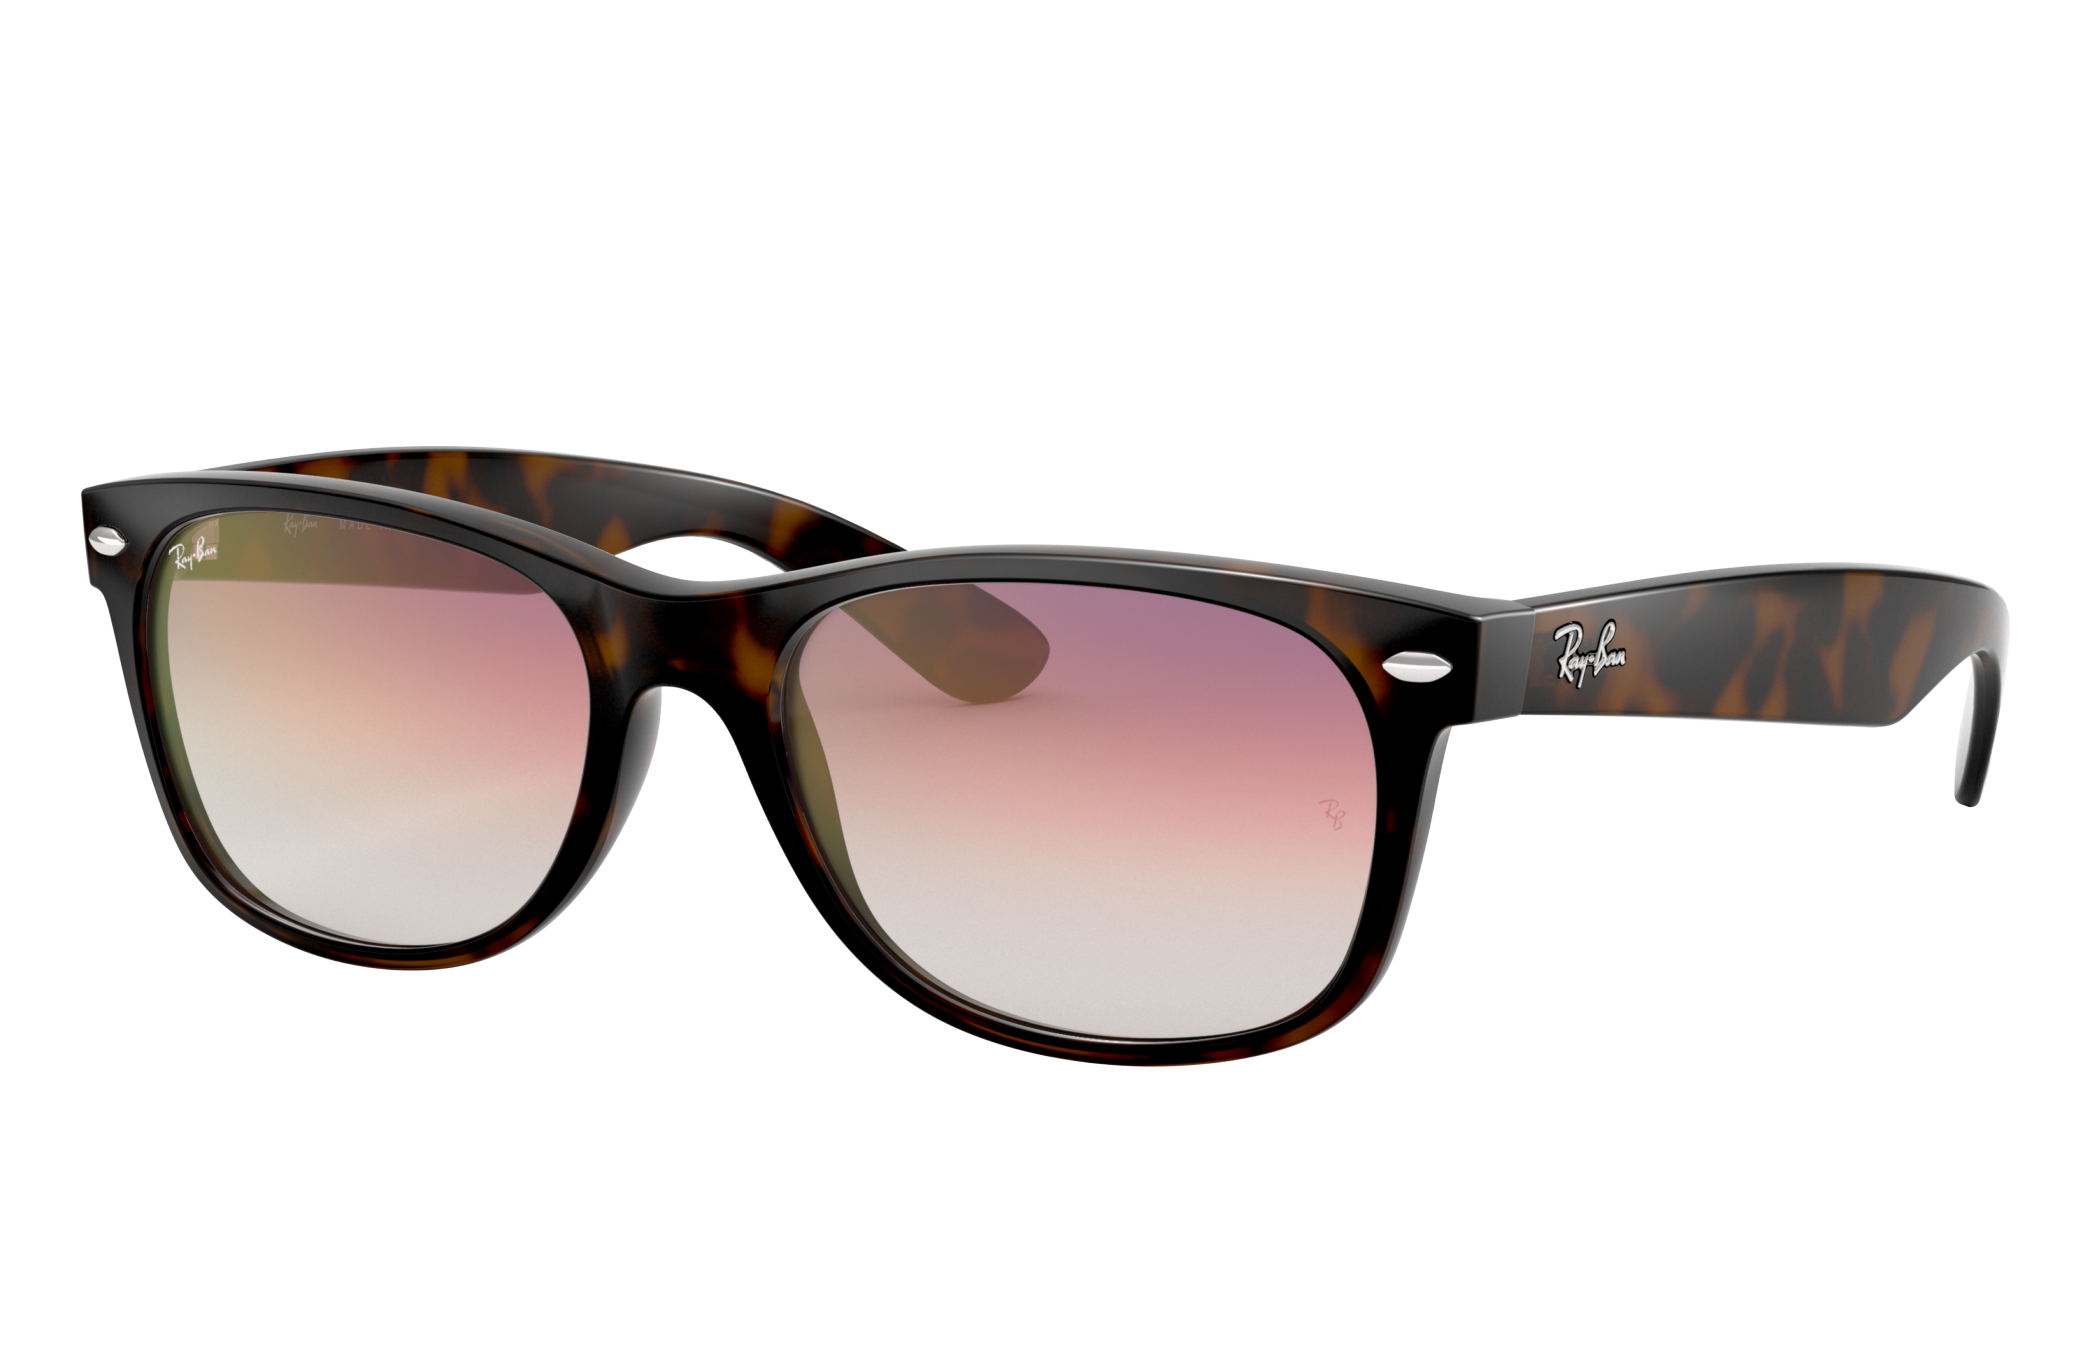 Ray-Ban New Wayfarer Flash Gradient Lenses Tortoise, Violet Lenses - RB2132